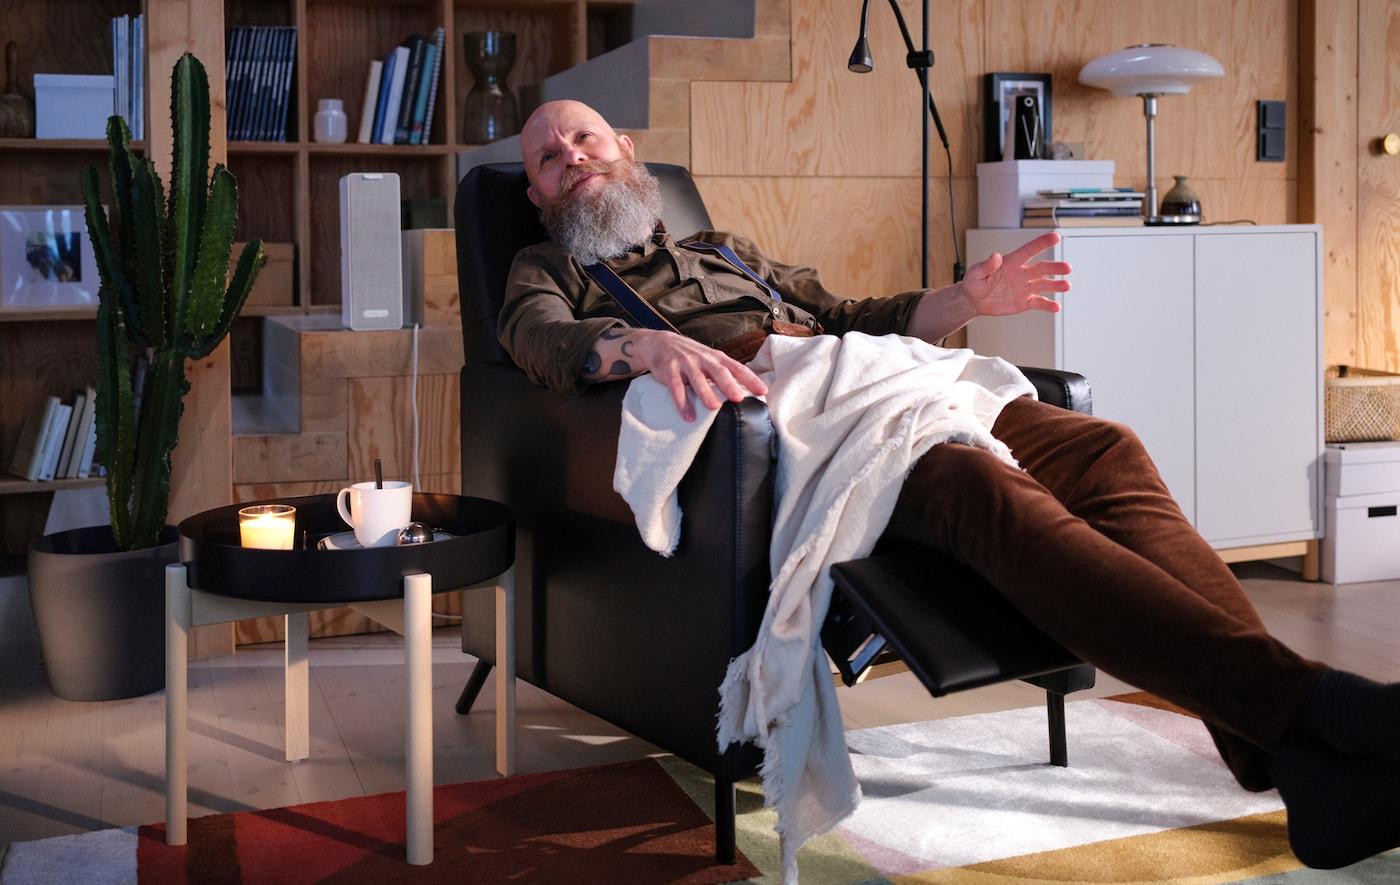 Ein Mann lehnt sich in einem GISTAD Ruhesessel zurück und hört Musik über den SYMFONISK WiFi-Speaker auf den Treppenstufen hinter ihm. Auf dem Boden liegt ein bunter Teppich.